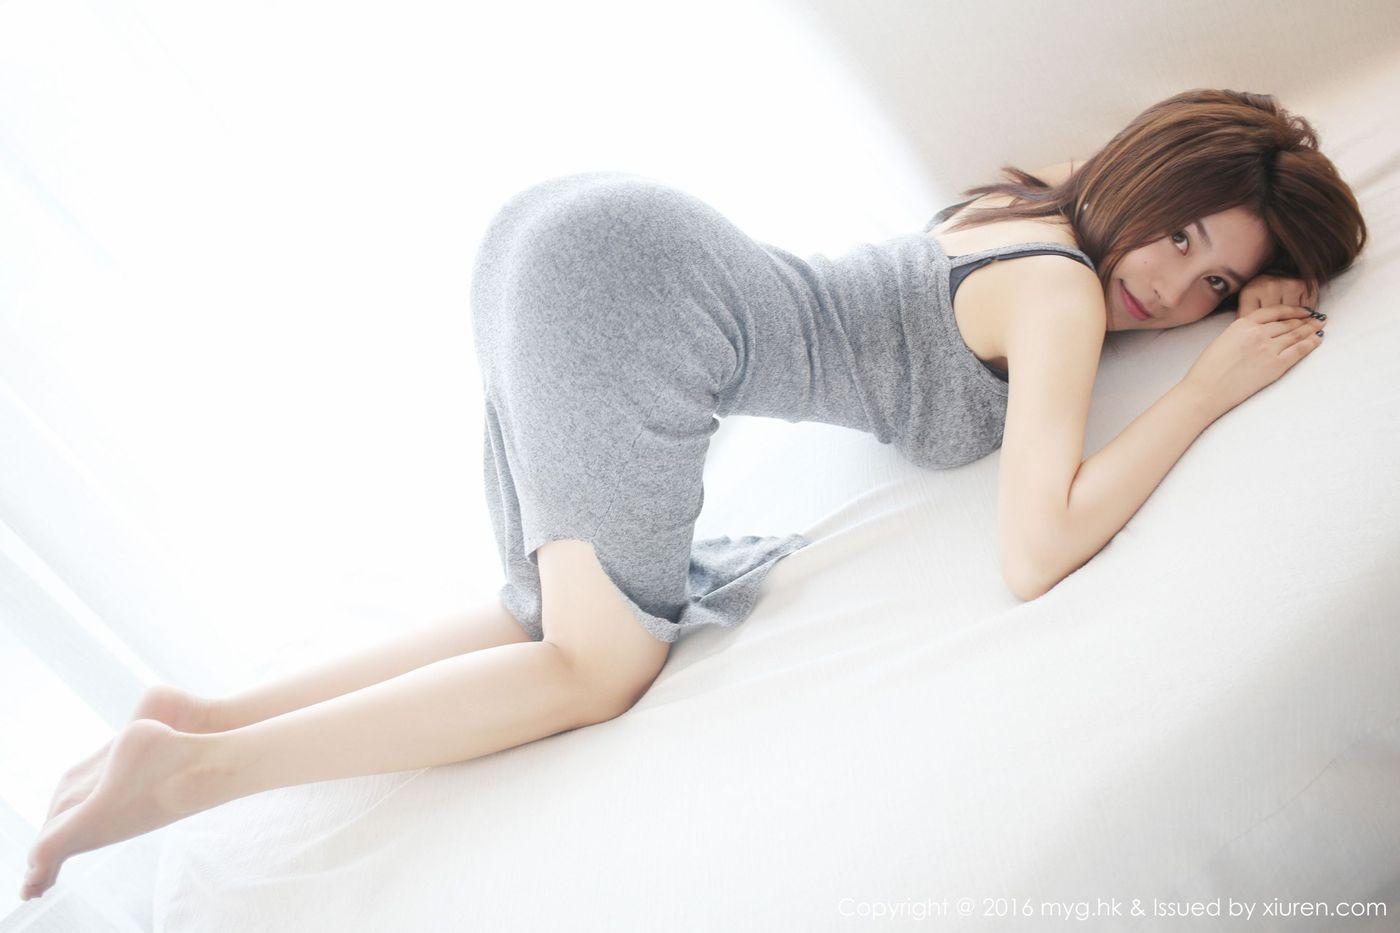 长裙美女黑丝美腿翘臀气质美女性感女神美媛馆-[许诺Sabrina]超高清写真图片|1620117185更新